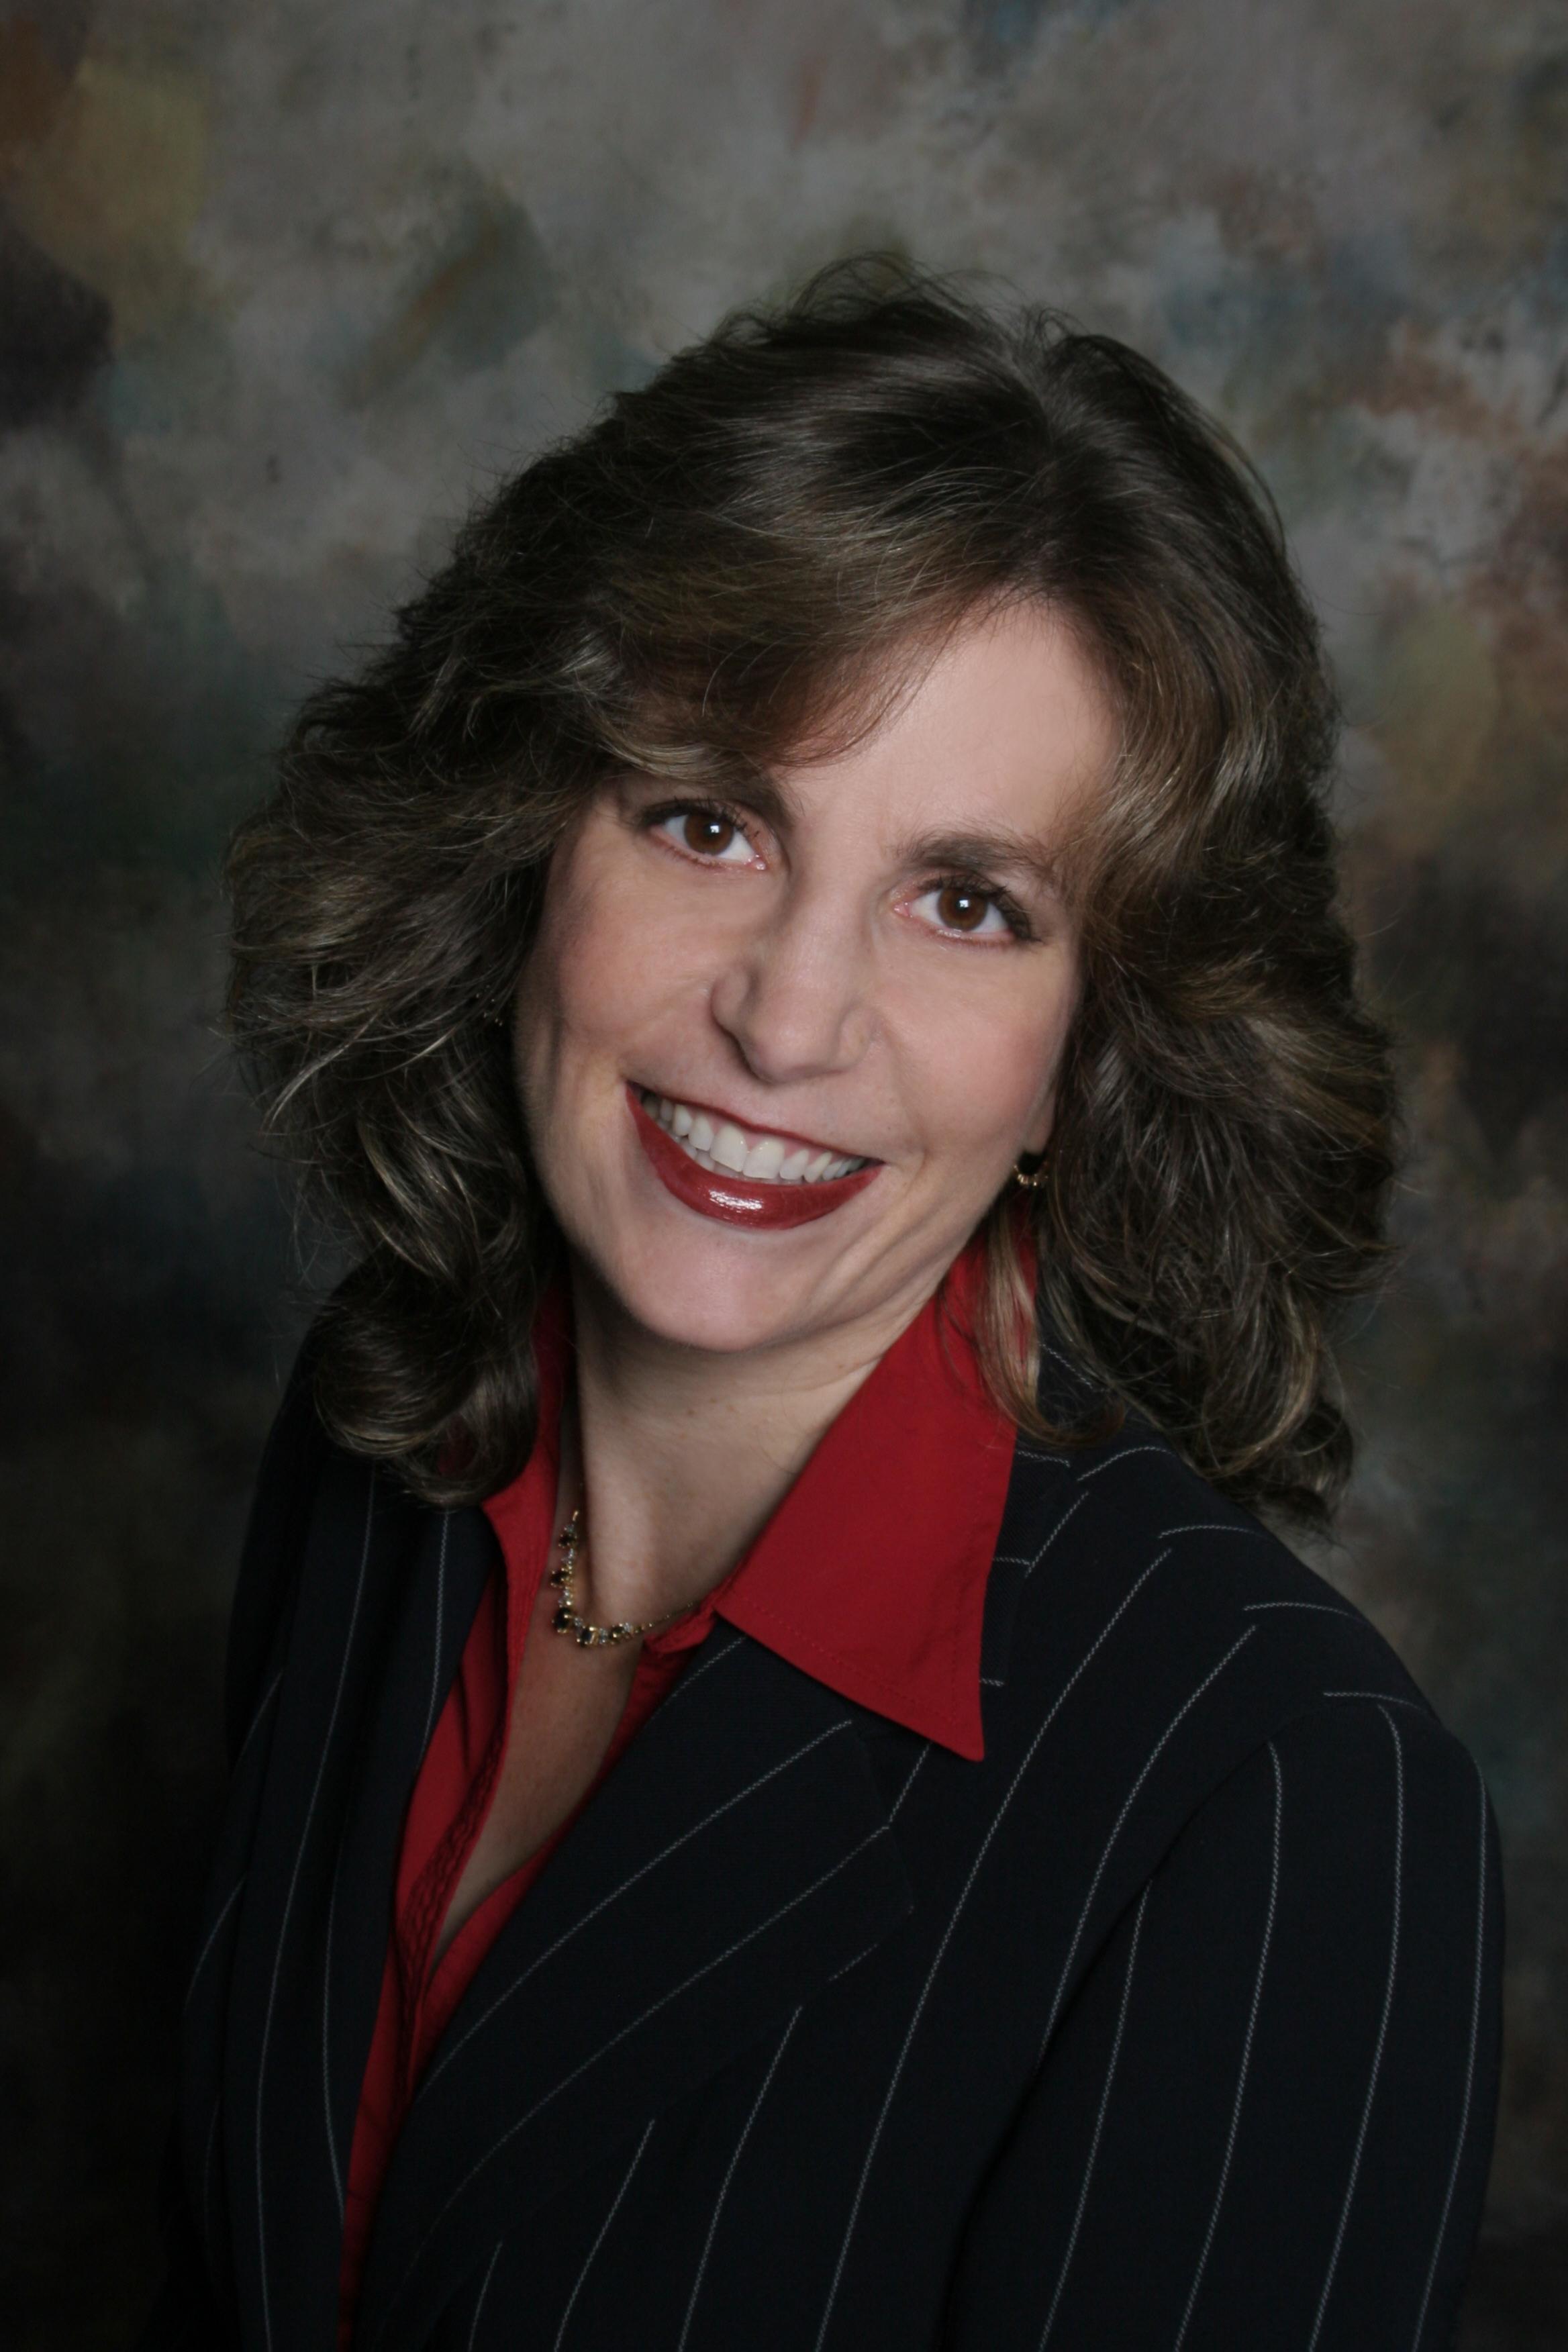 Kristen Heyen Noble